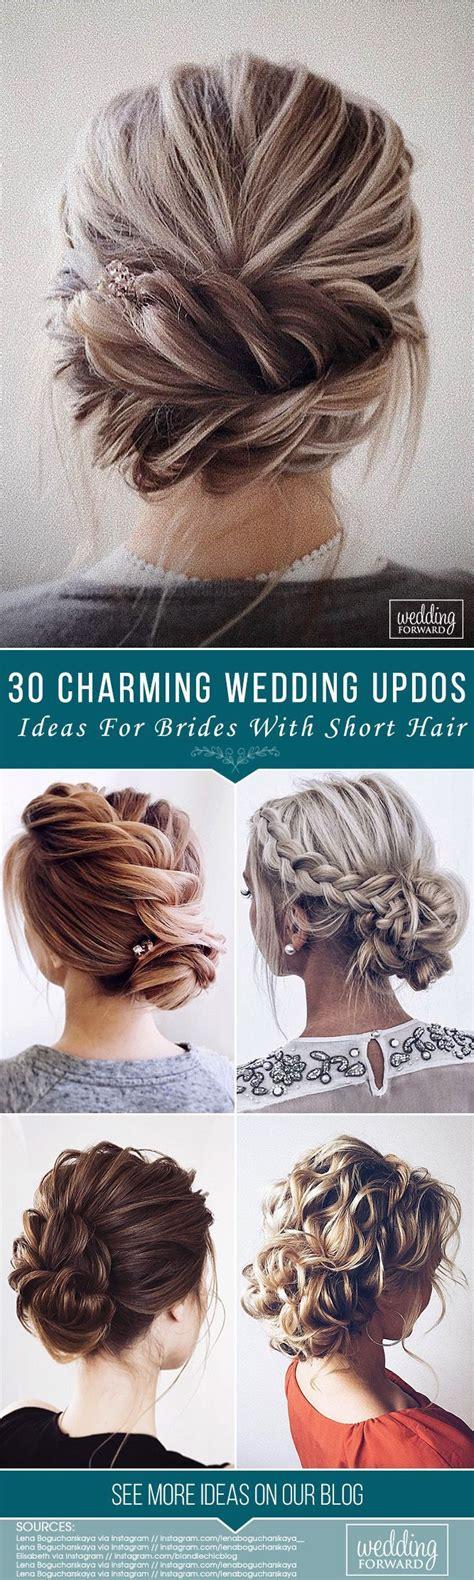 wedding hair ideas abroad best 25 braided wedding hair ideas on braided